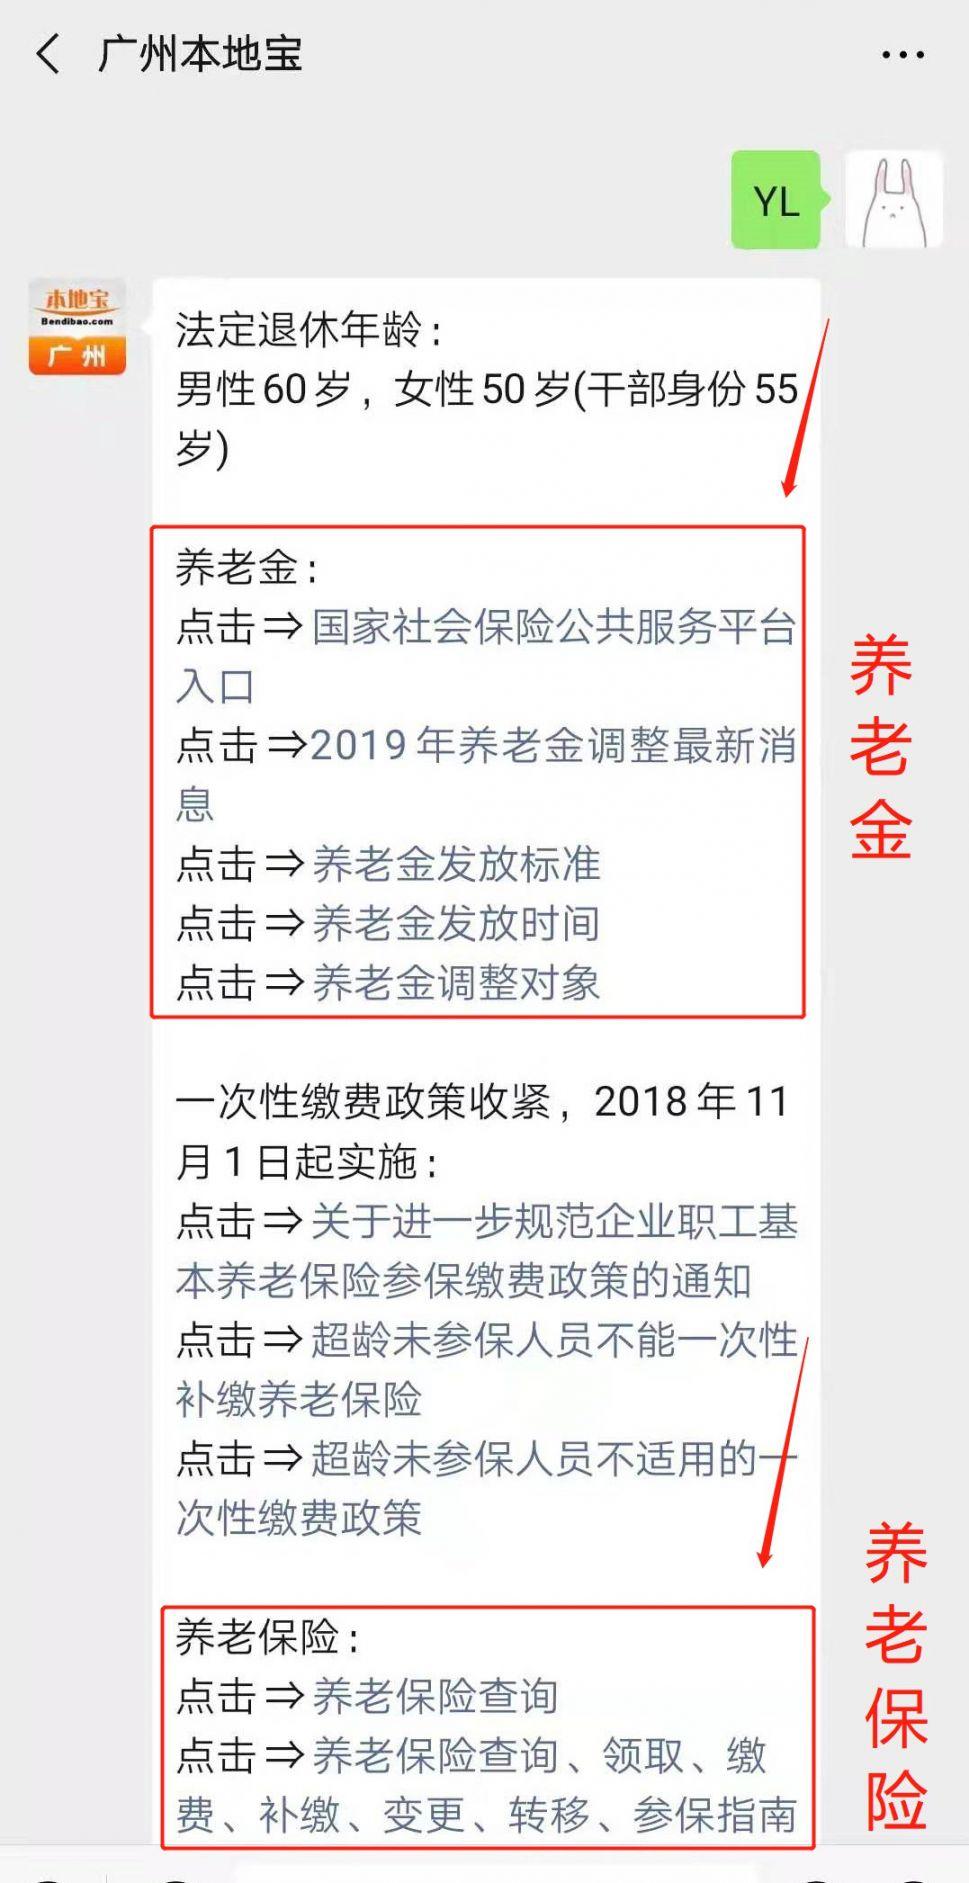 燕赵十绝:什么是视同缴费年限、实际缴费年限?